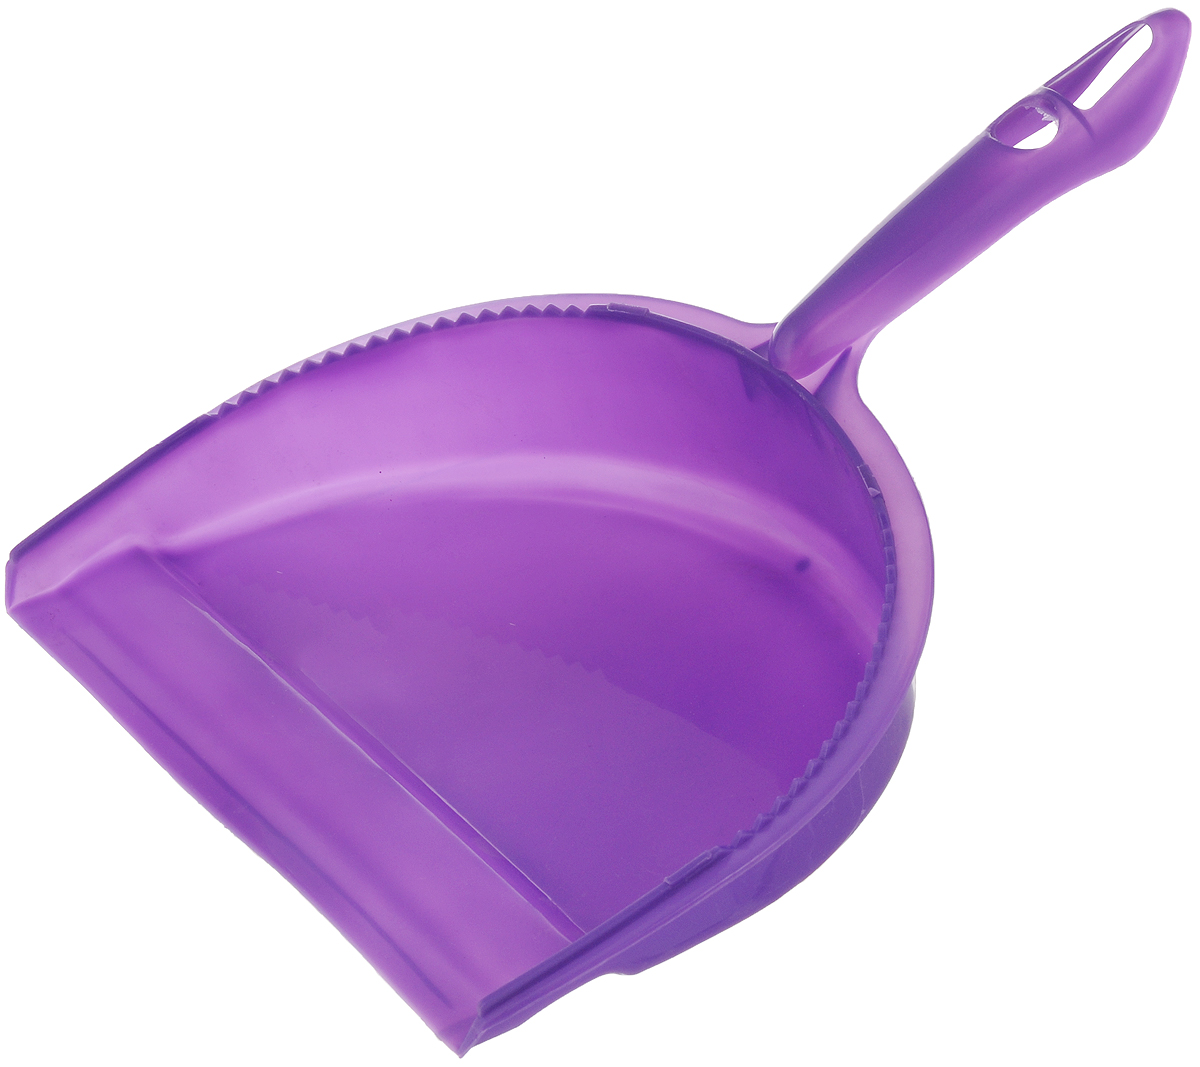 Совок для мусора Фэйт Джокер, цвет: фиолетовый13014Совок Фэйт Джокер предназначен для сбора мусора и пыли при уборке помещений. Он выполнен из прочного пластика и имеет удобную эргономическую ручку.Длина совка: 28,5 см.Ширина совка: 21 см.